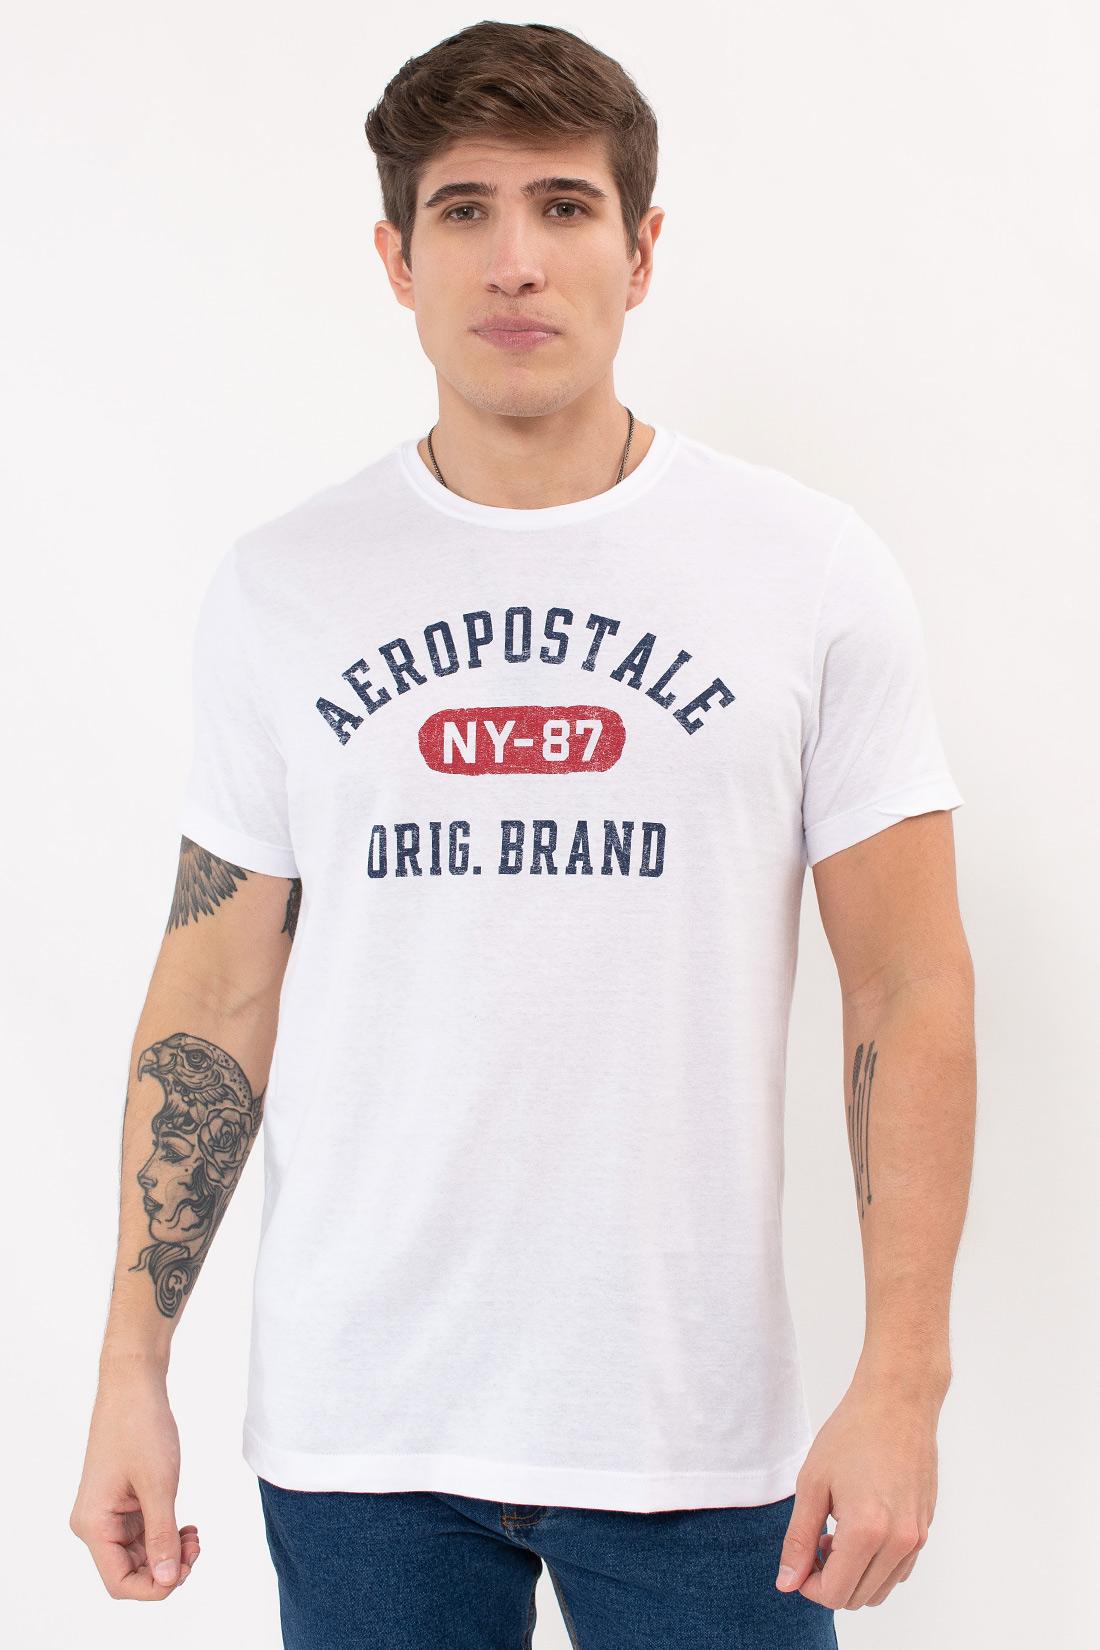 Camiseta Mc Aeropostale Orig. Brand